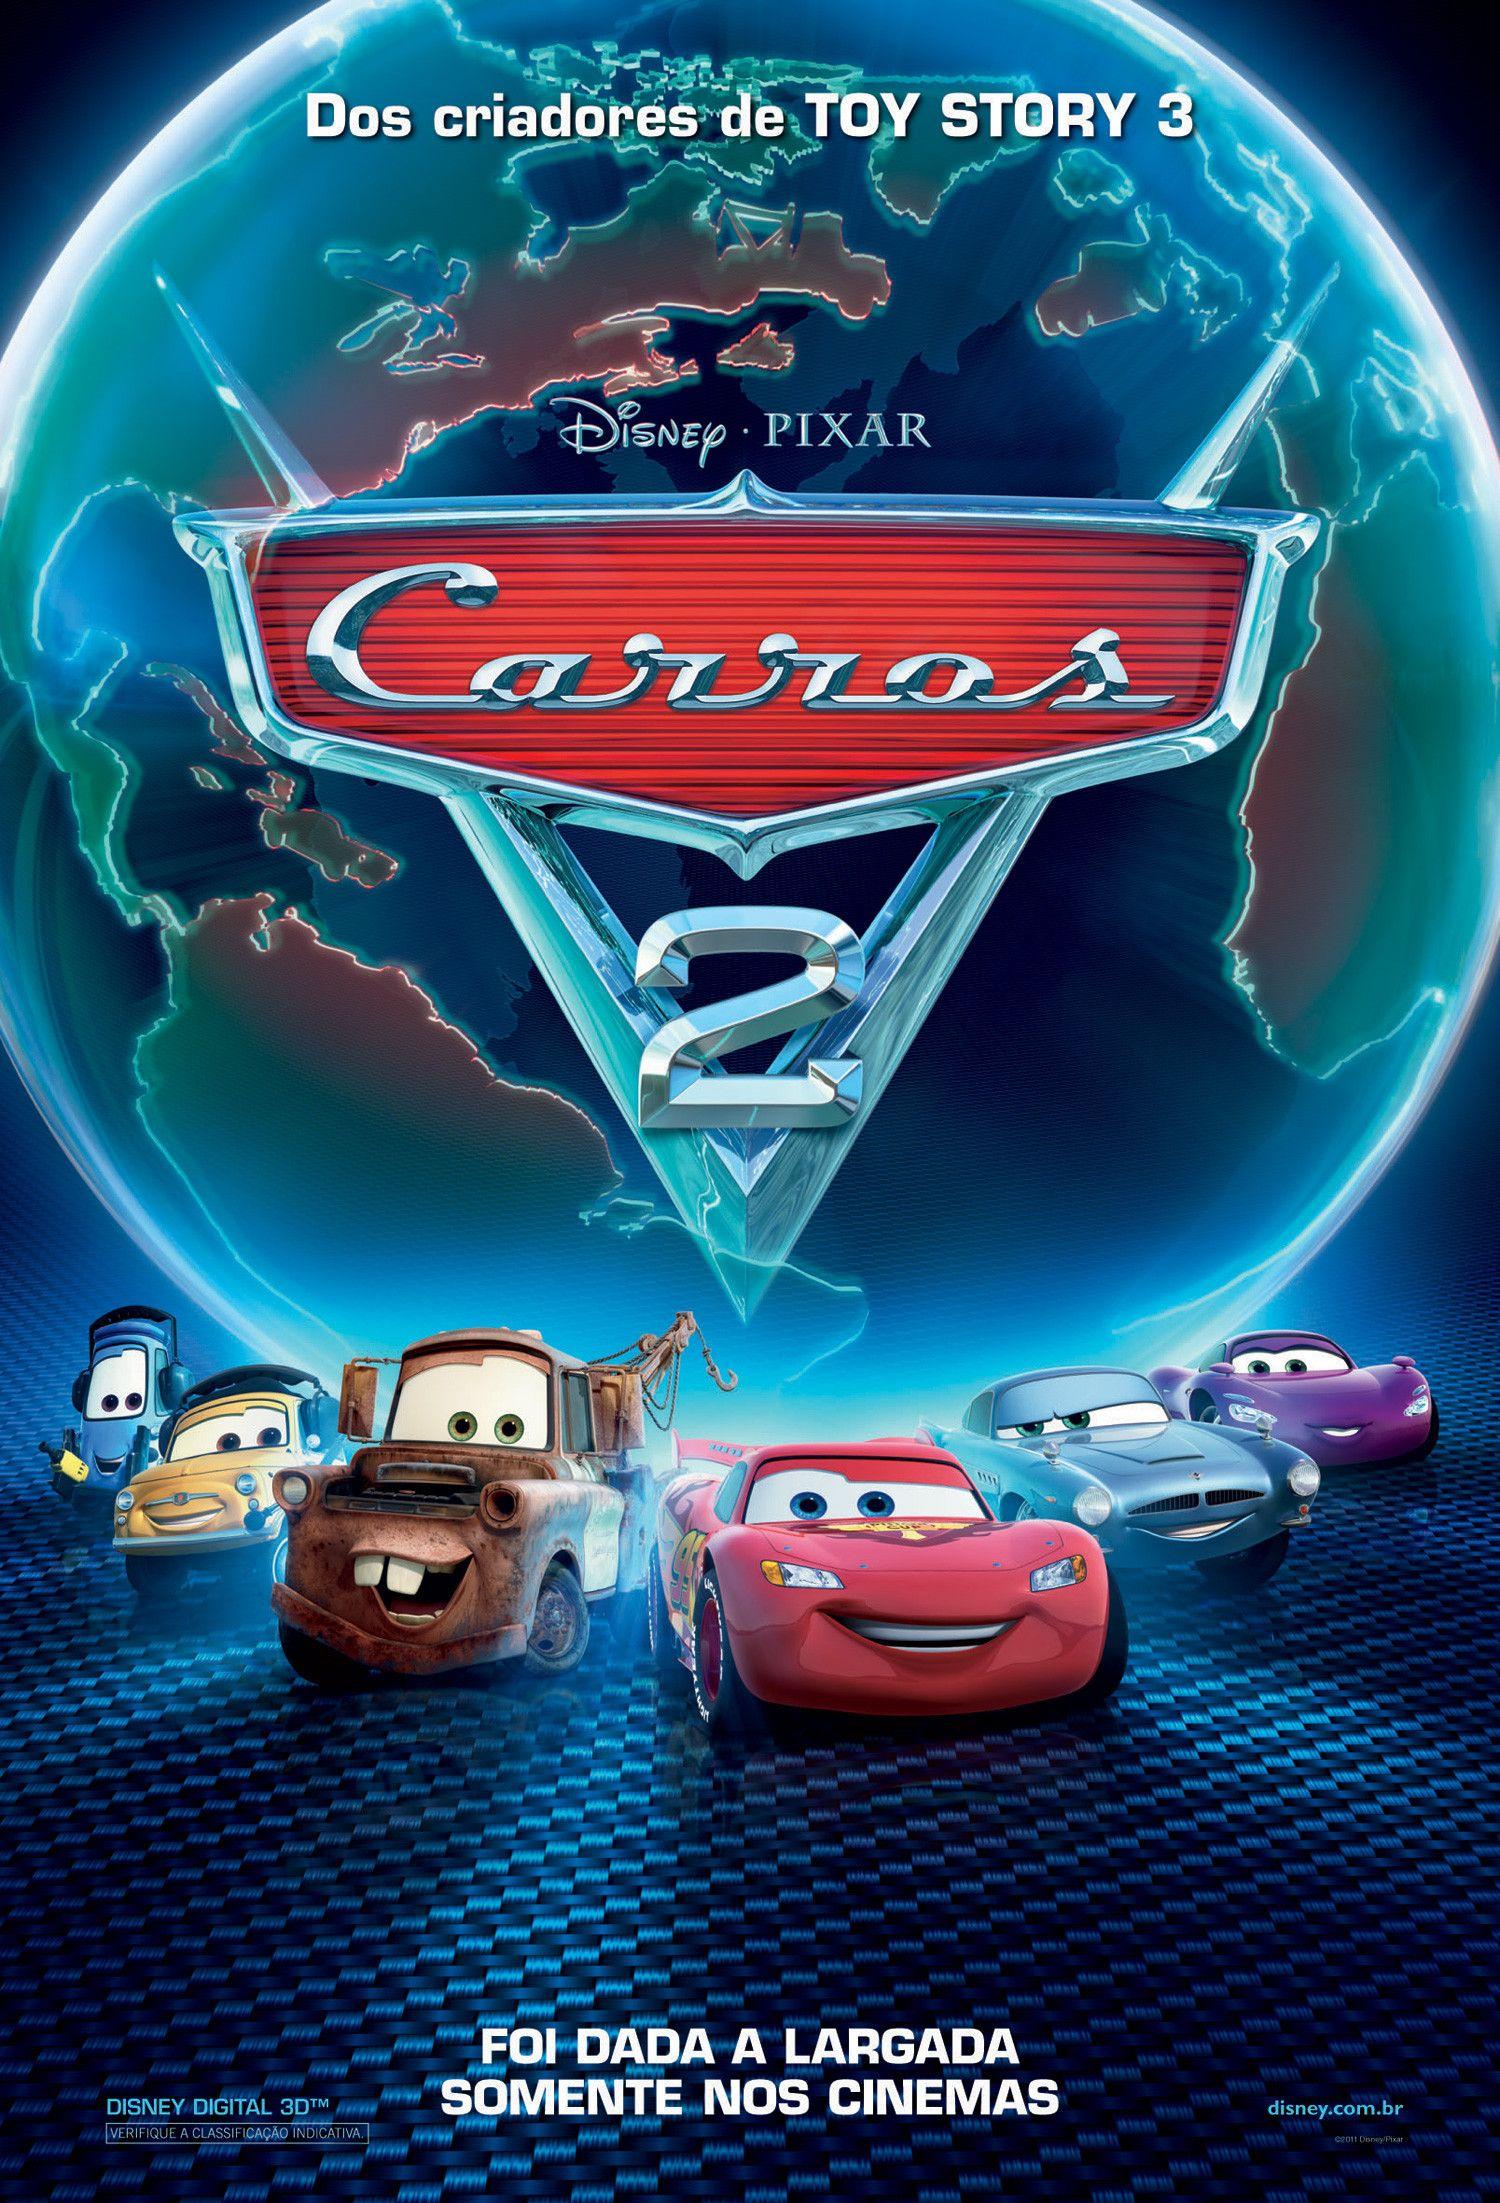 Carros 2 Filmes Infantis Carros 2 Filme Dicas De Filmes